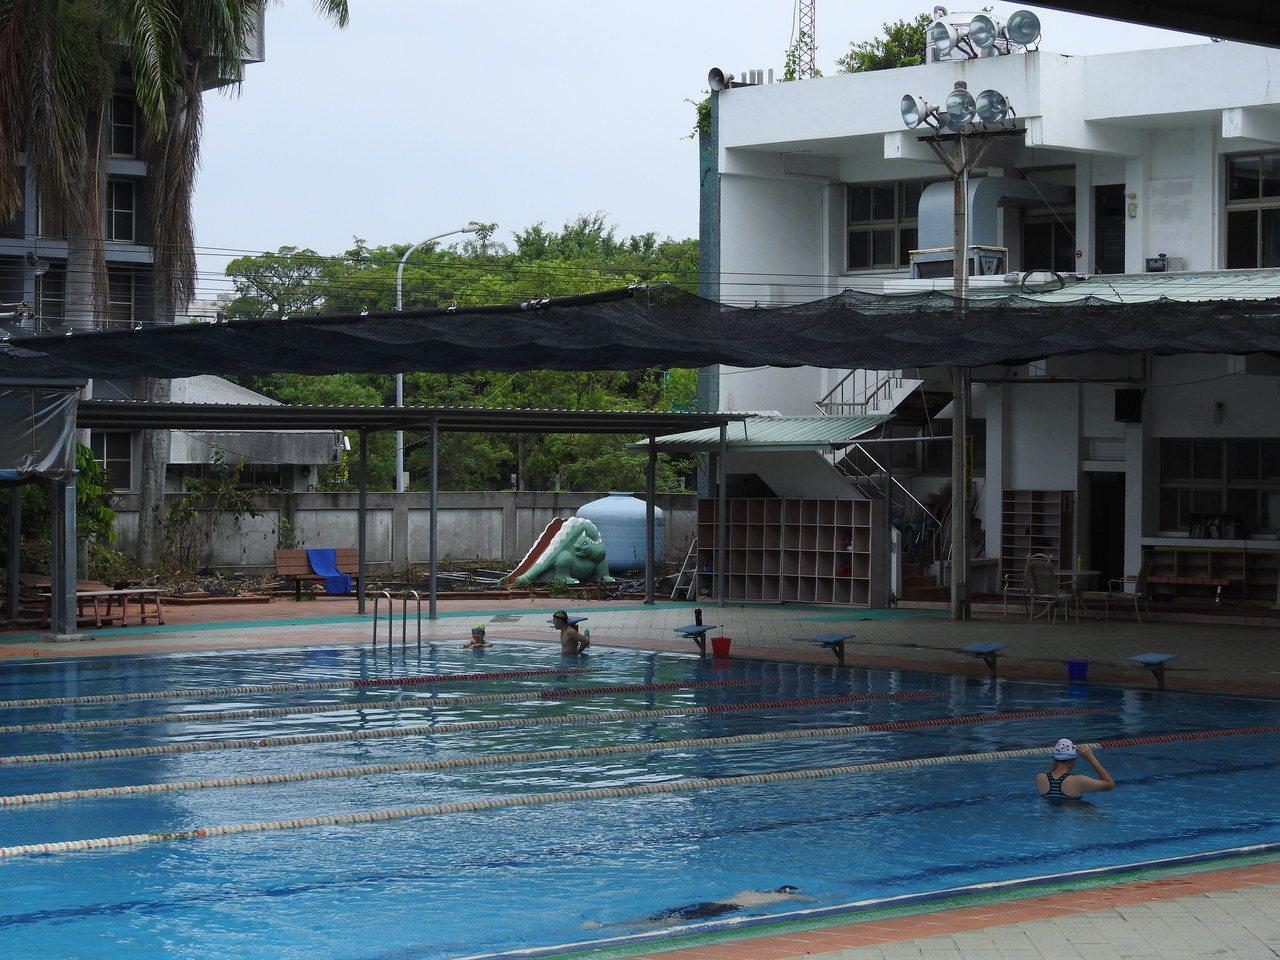 草屯游泳池委外遭棄標 公所明起免費開放1個月